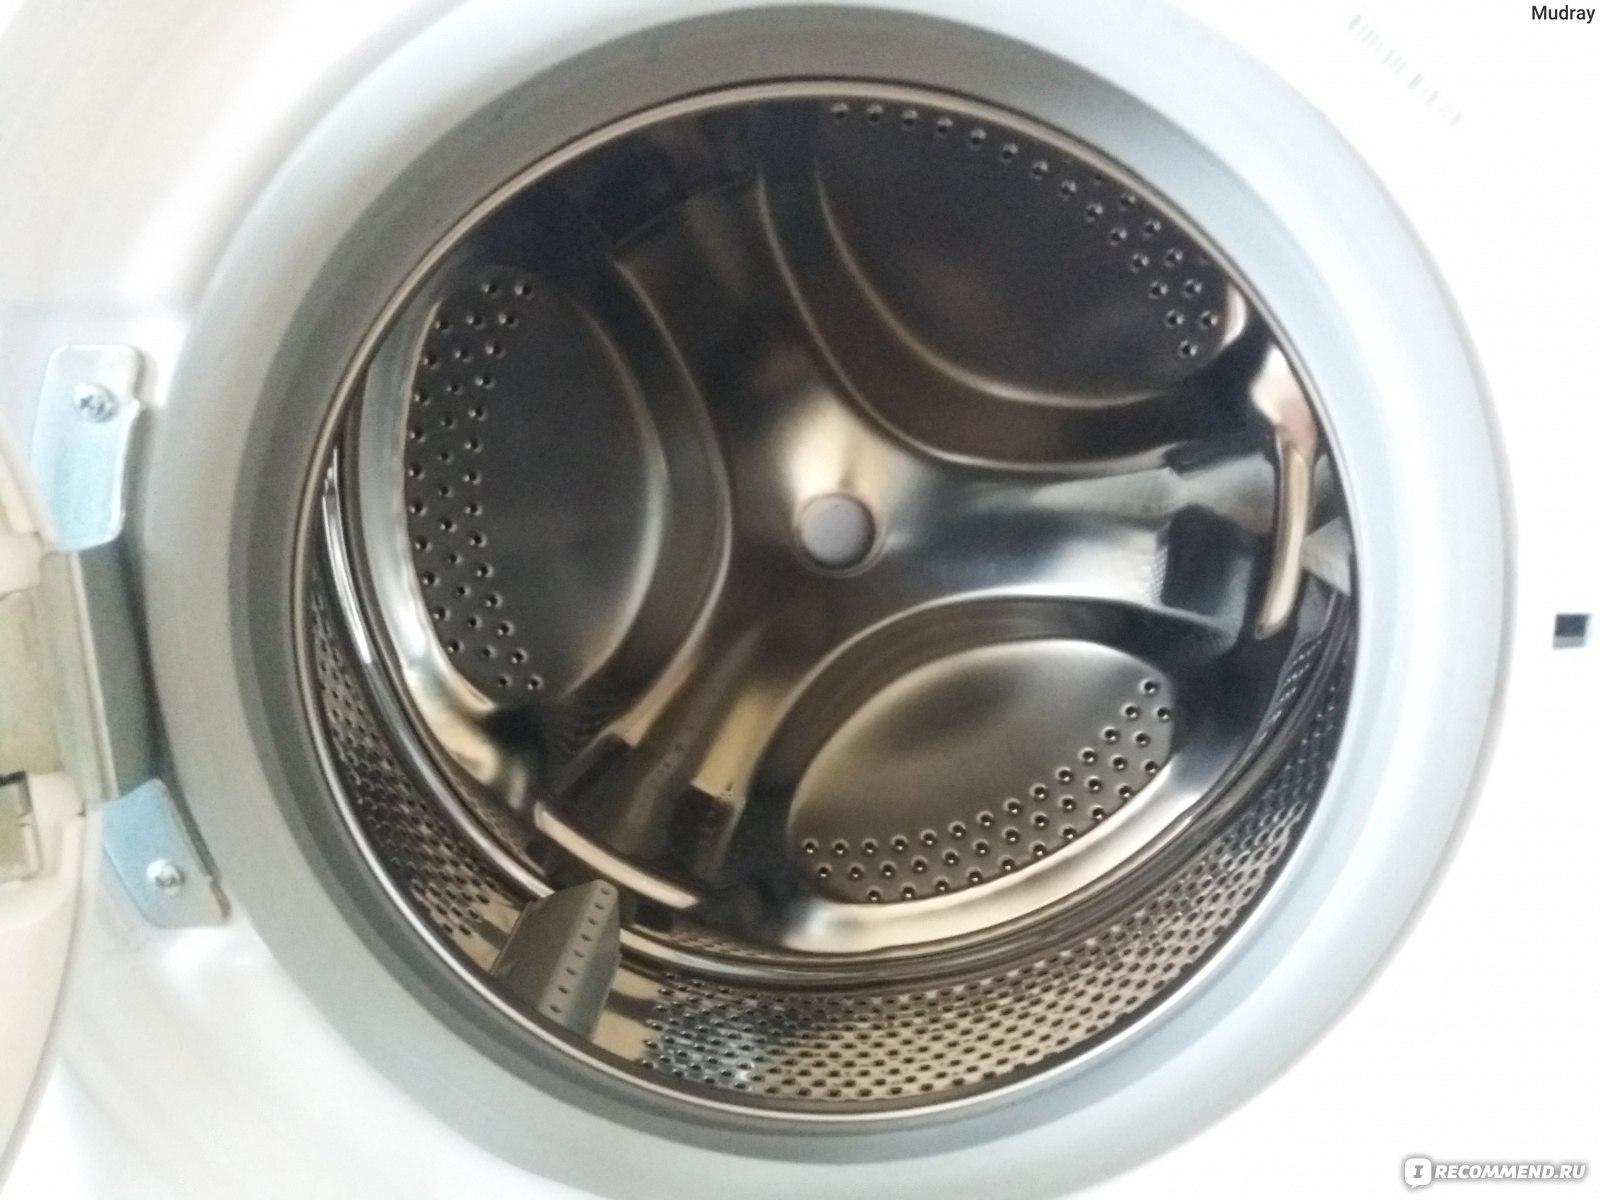 Как приготовить маргарин в домашних условиях? Домашний 73